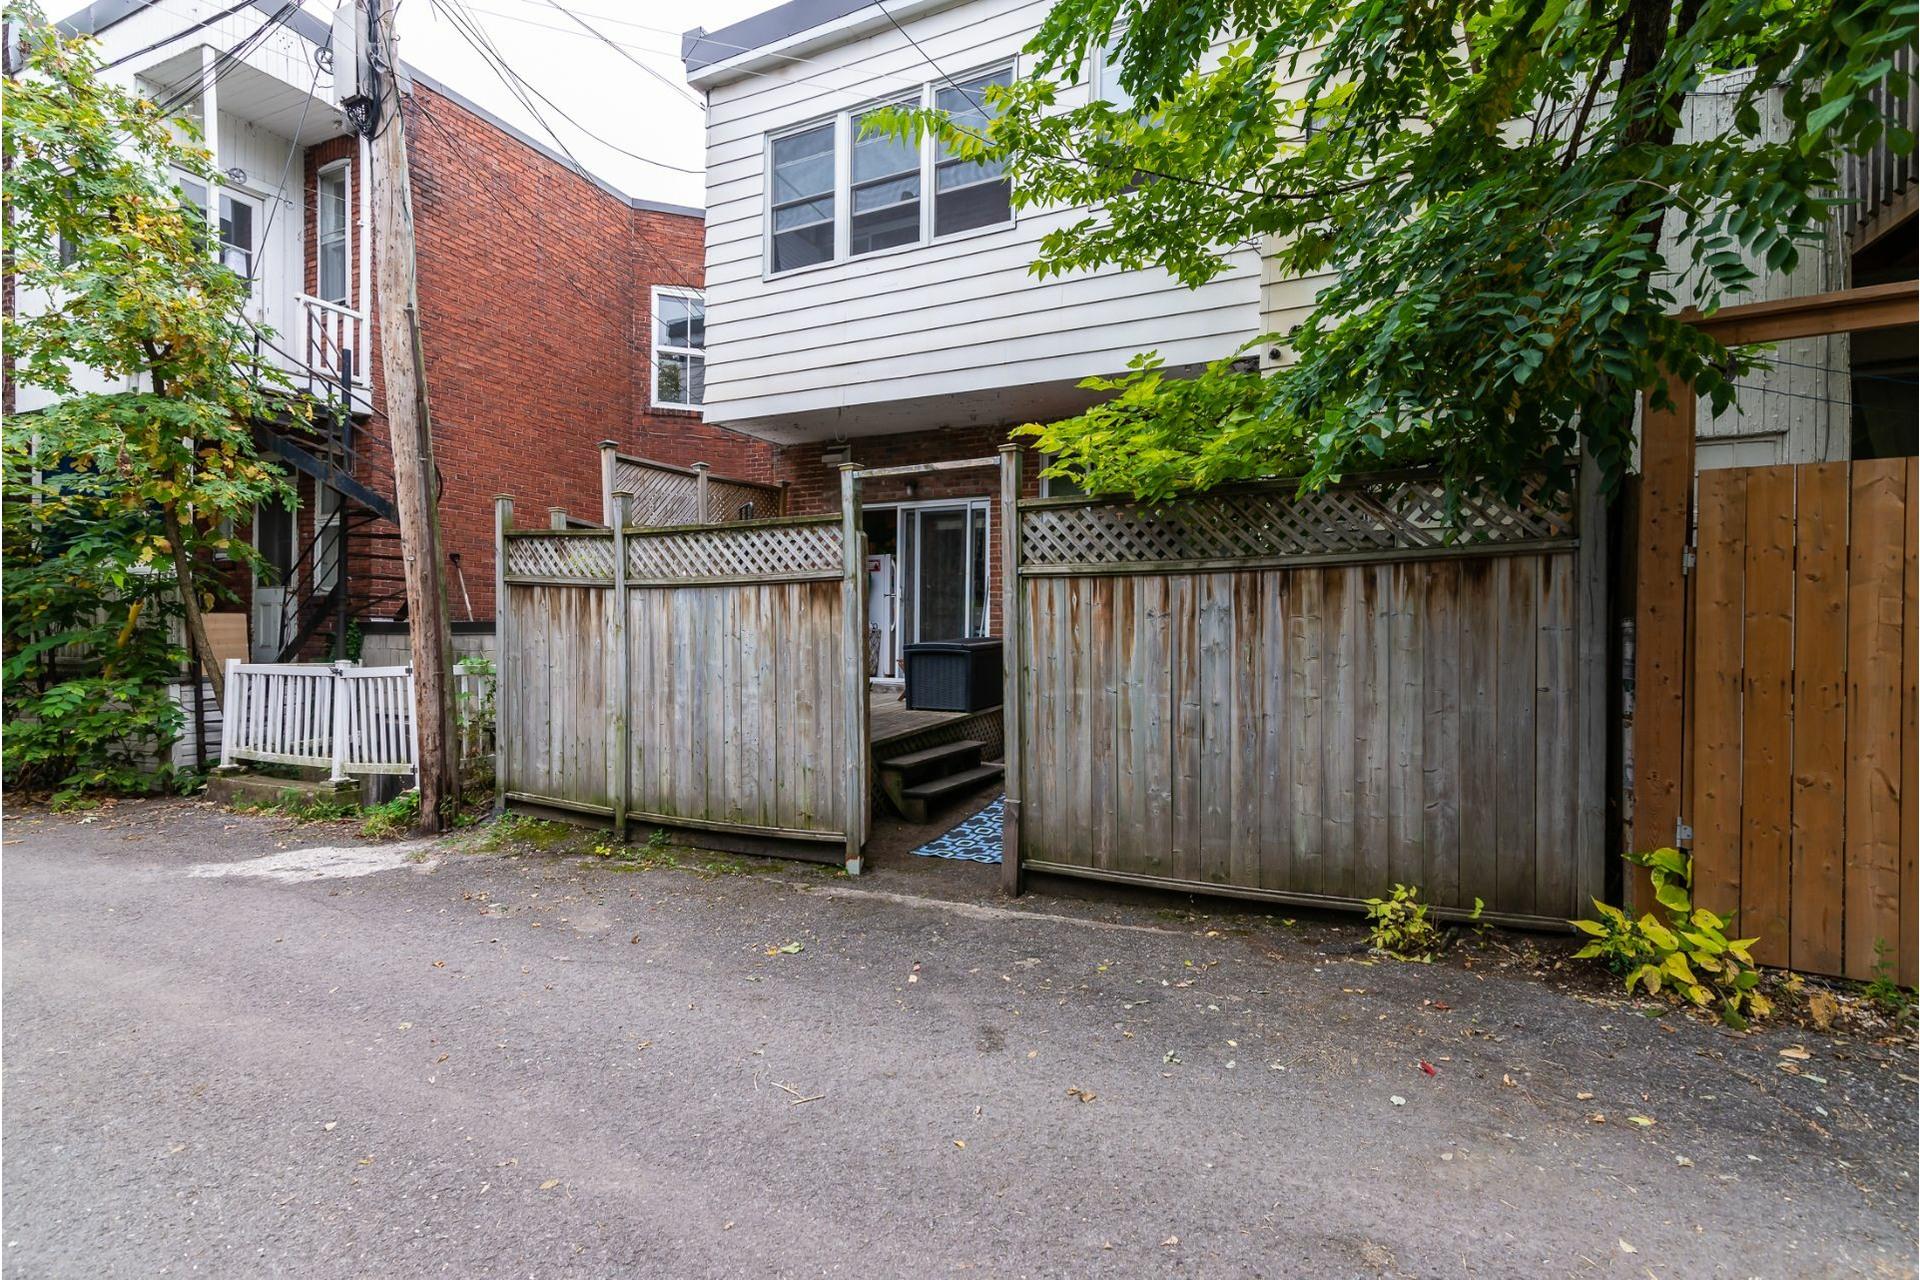 image 52 - Duplex À vendre Côte-des-Neiges/Notre-Dame-de-Grâce Montréal  - 5 pièces